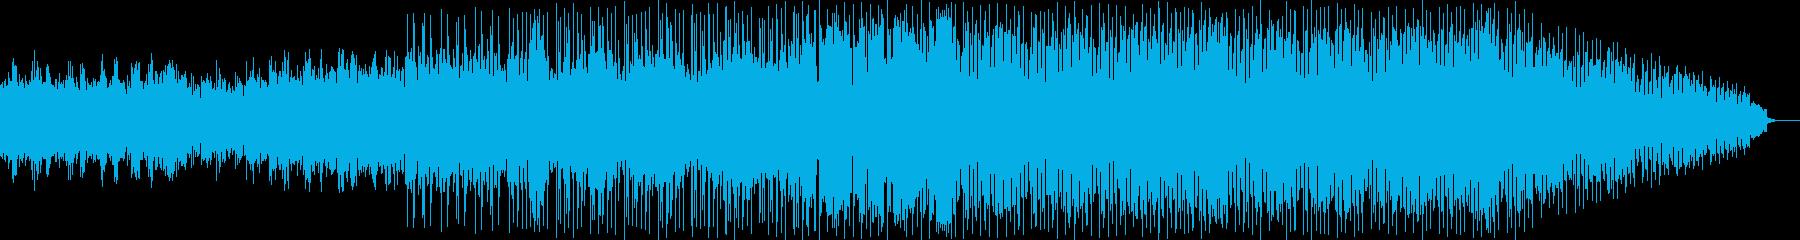 さわやか明るいBGM用の再生済みの波形